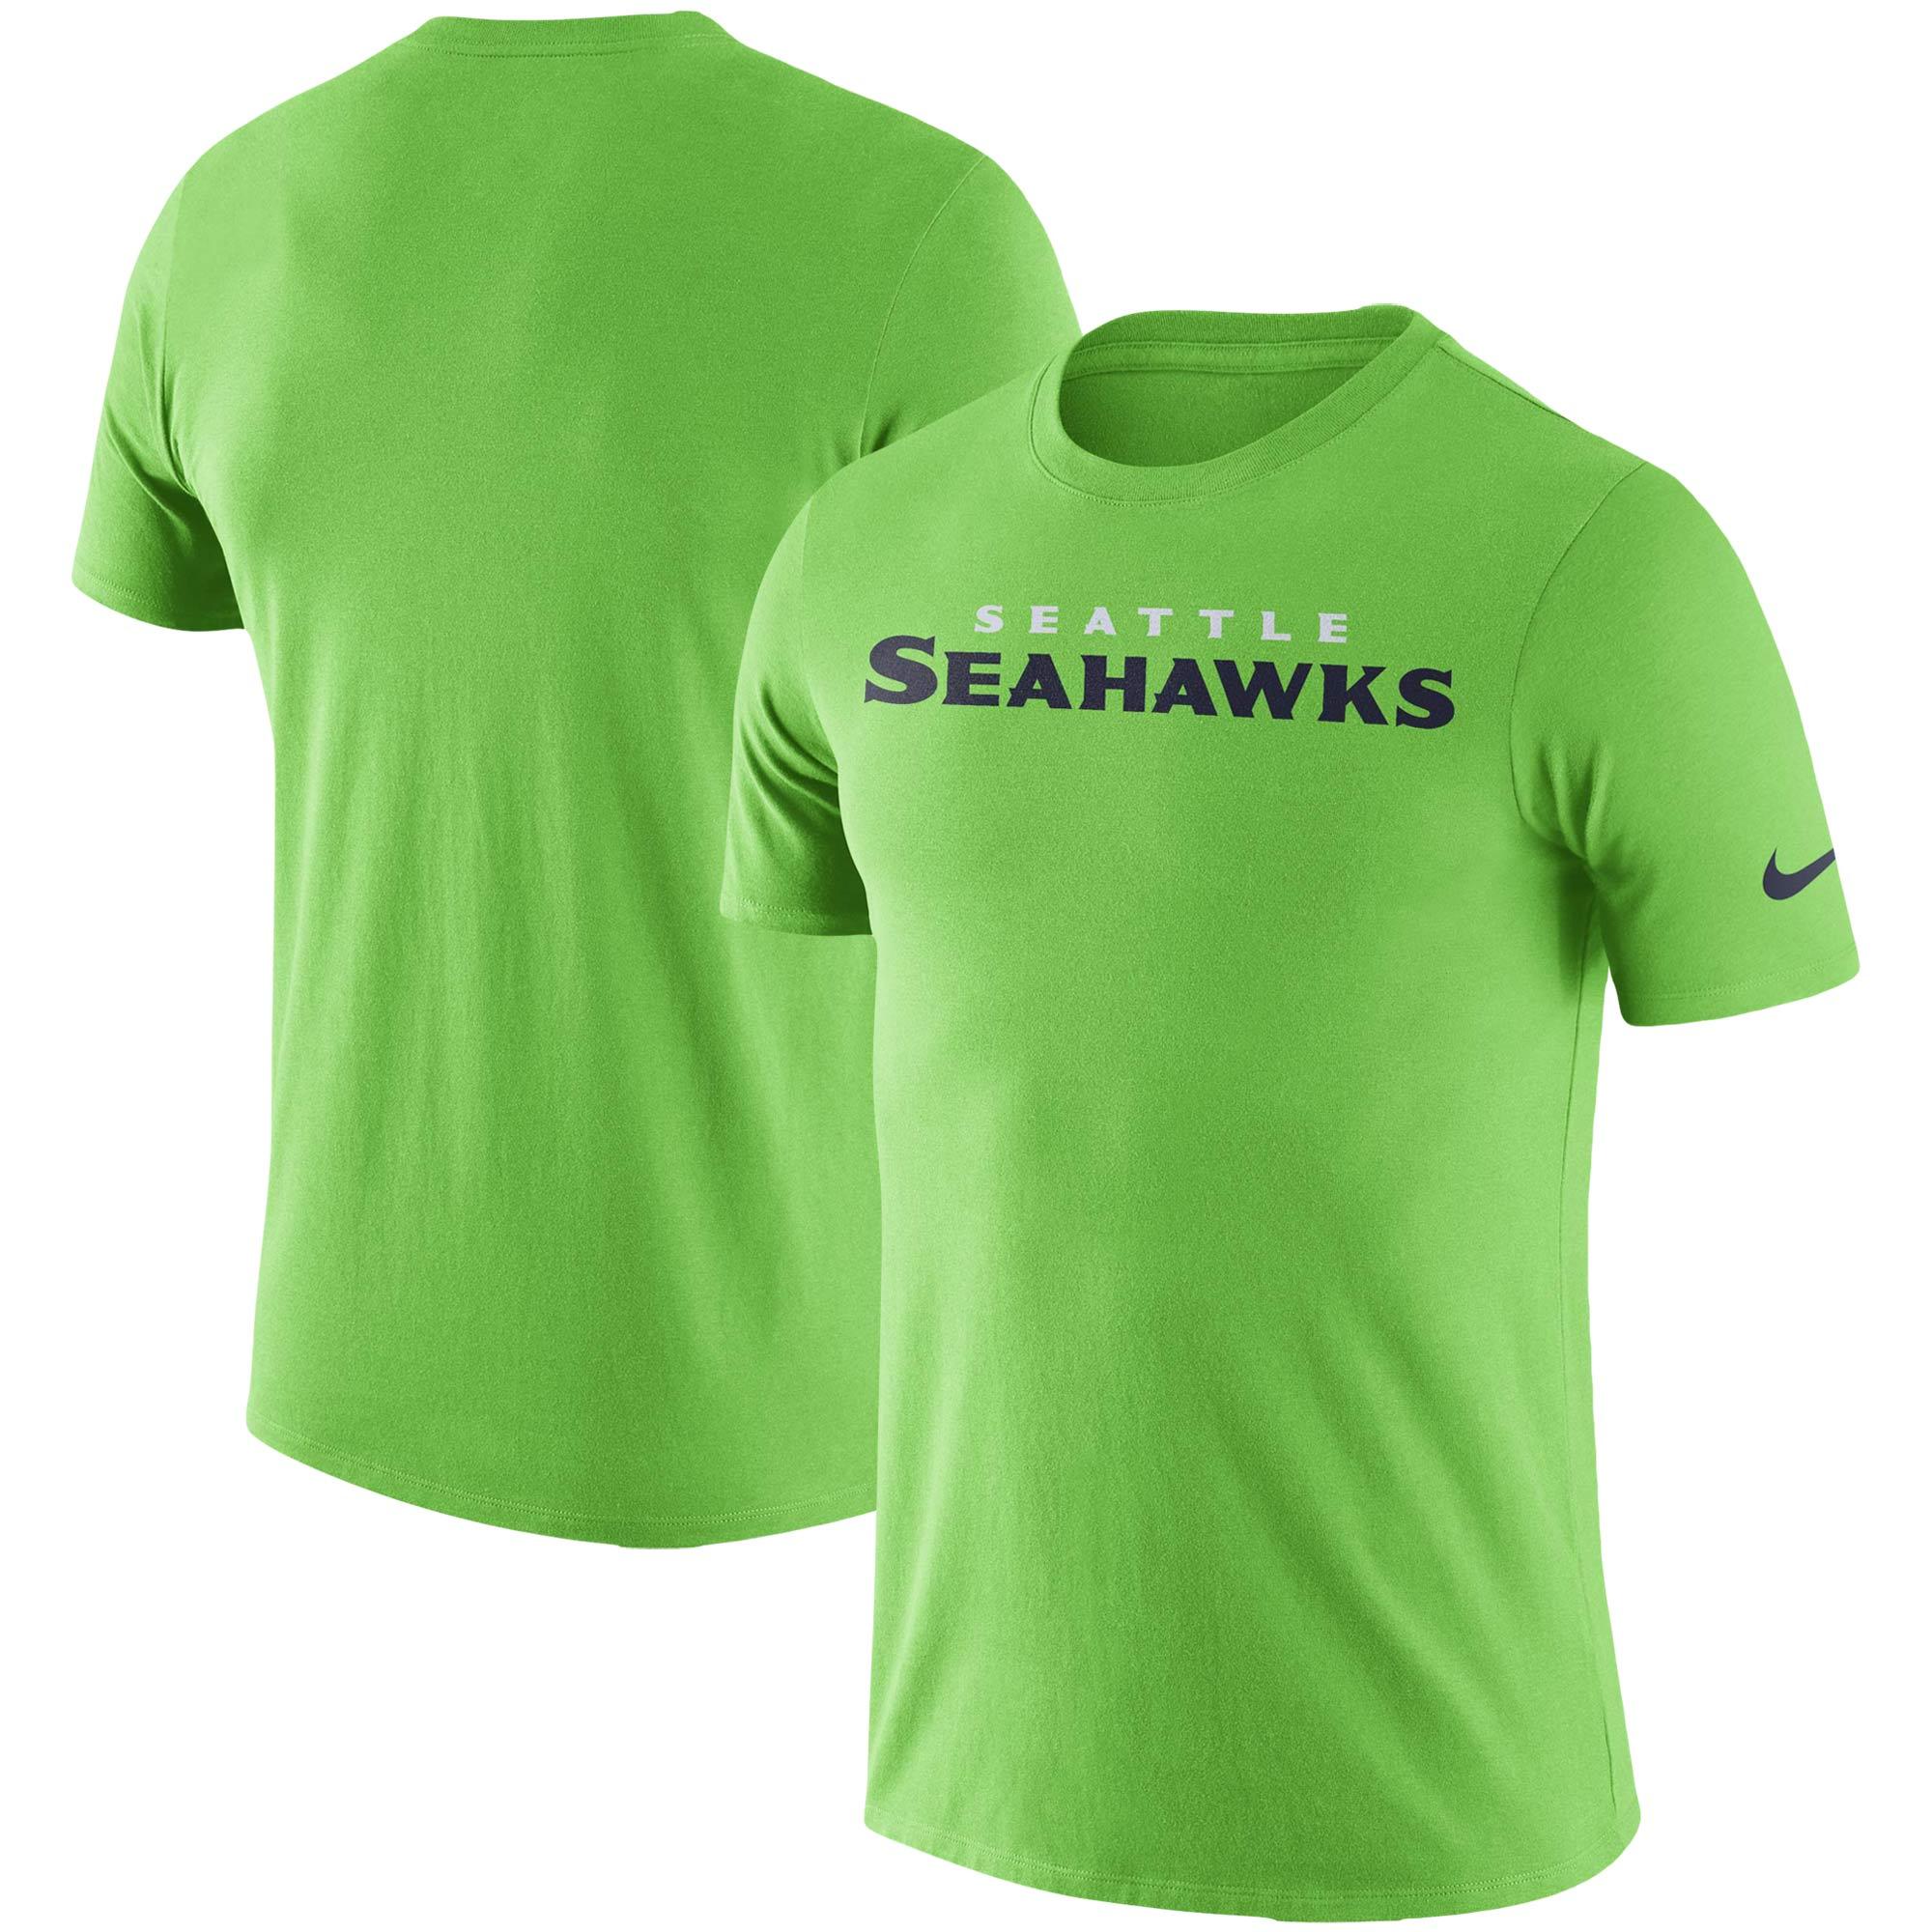 Seattle Seahawks Nike Fan Gear Essential Wordmark Performance T-Shirt - Neon Green